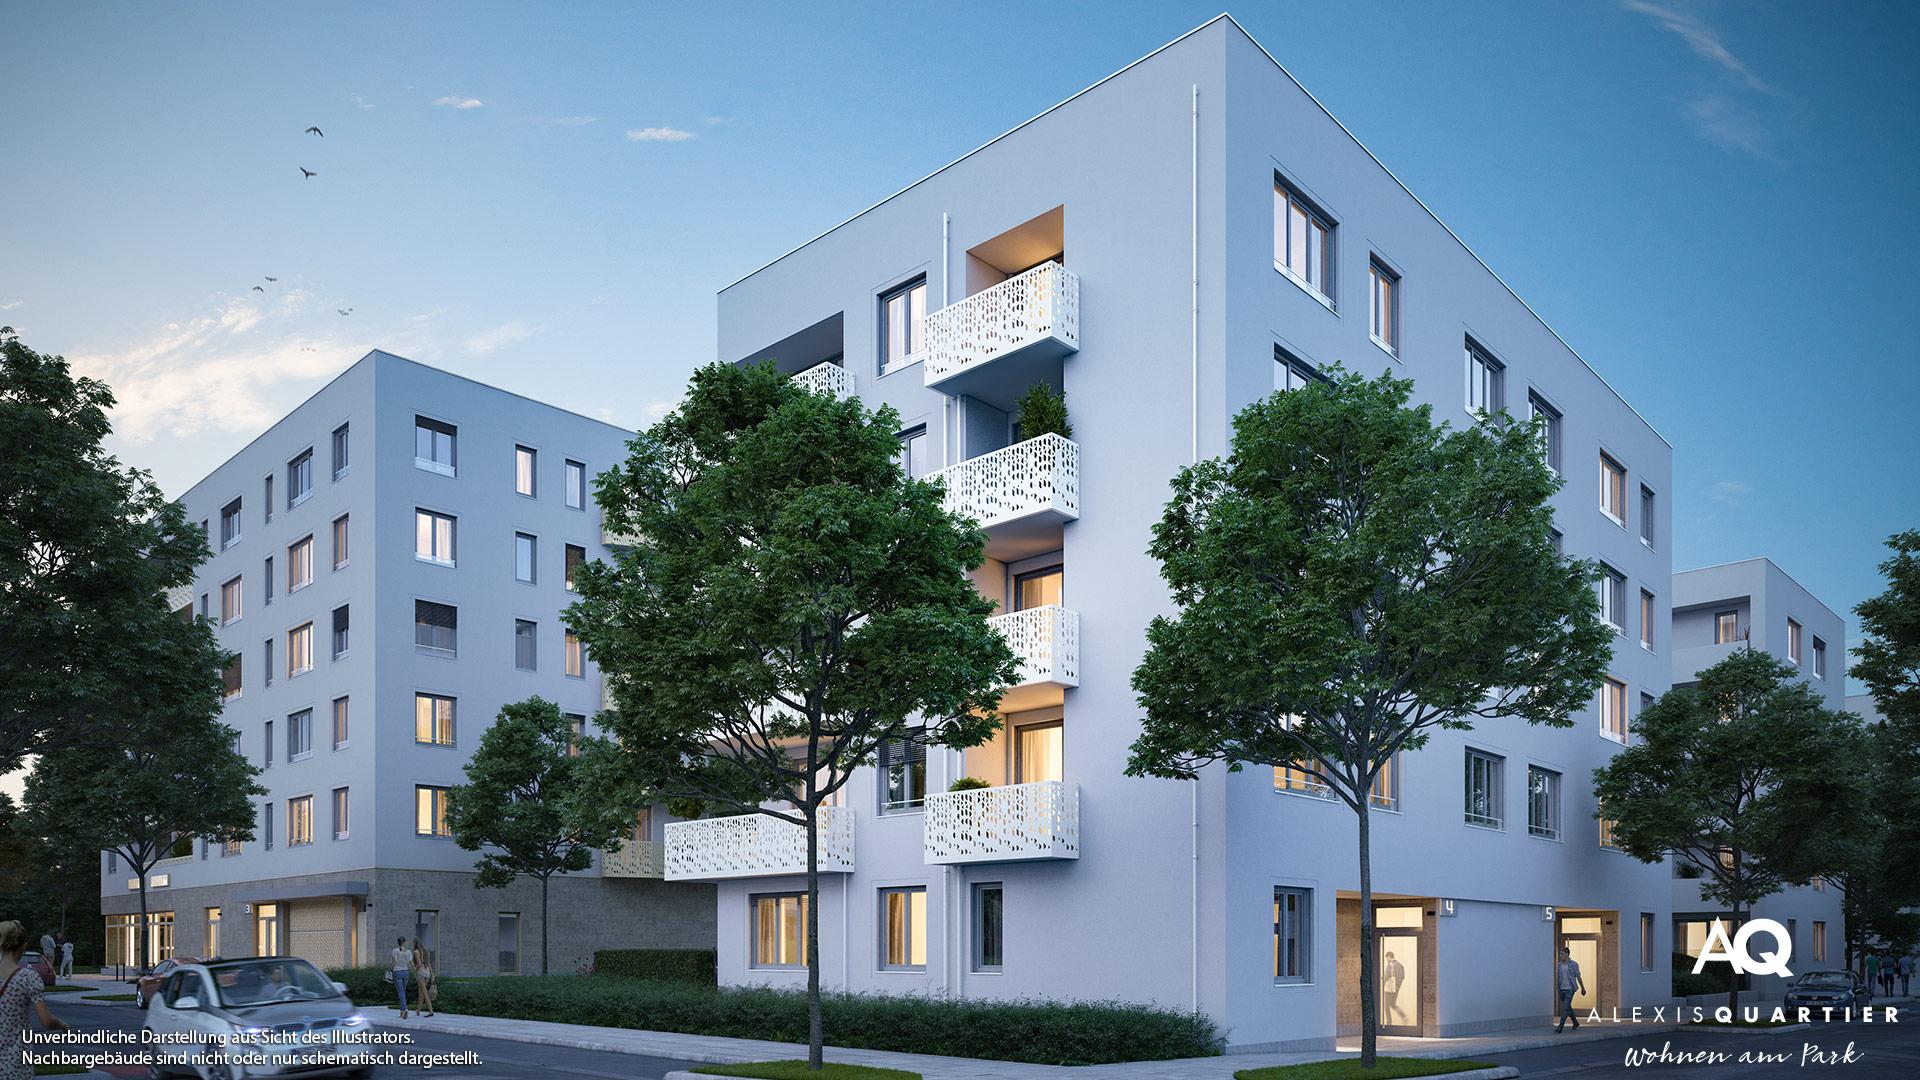 Immobilie Alexisquartier - Wohnen am Park - Gewerbeeinheiten - Illustration 2